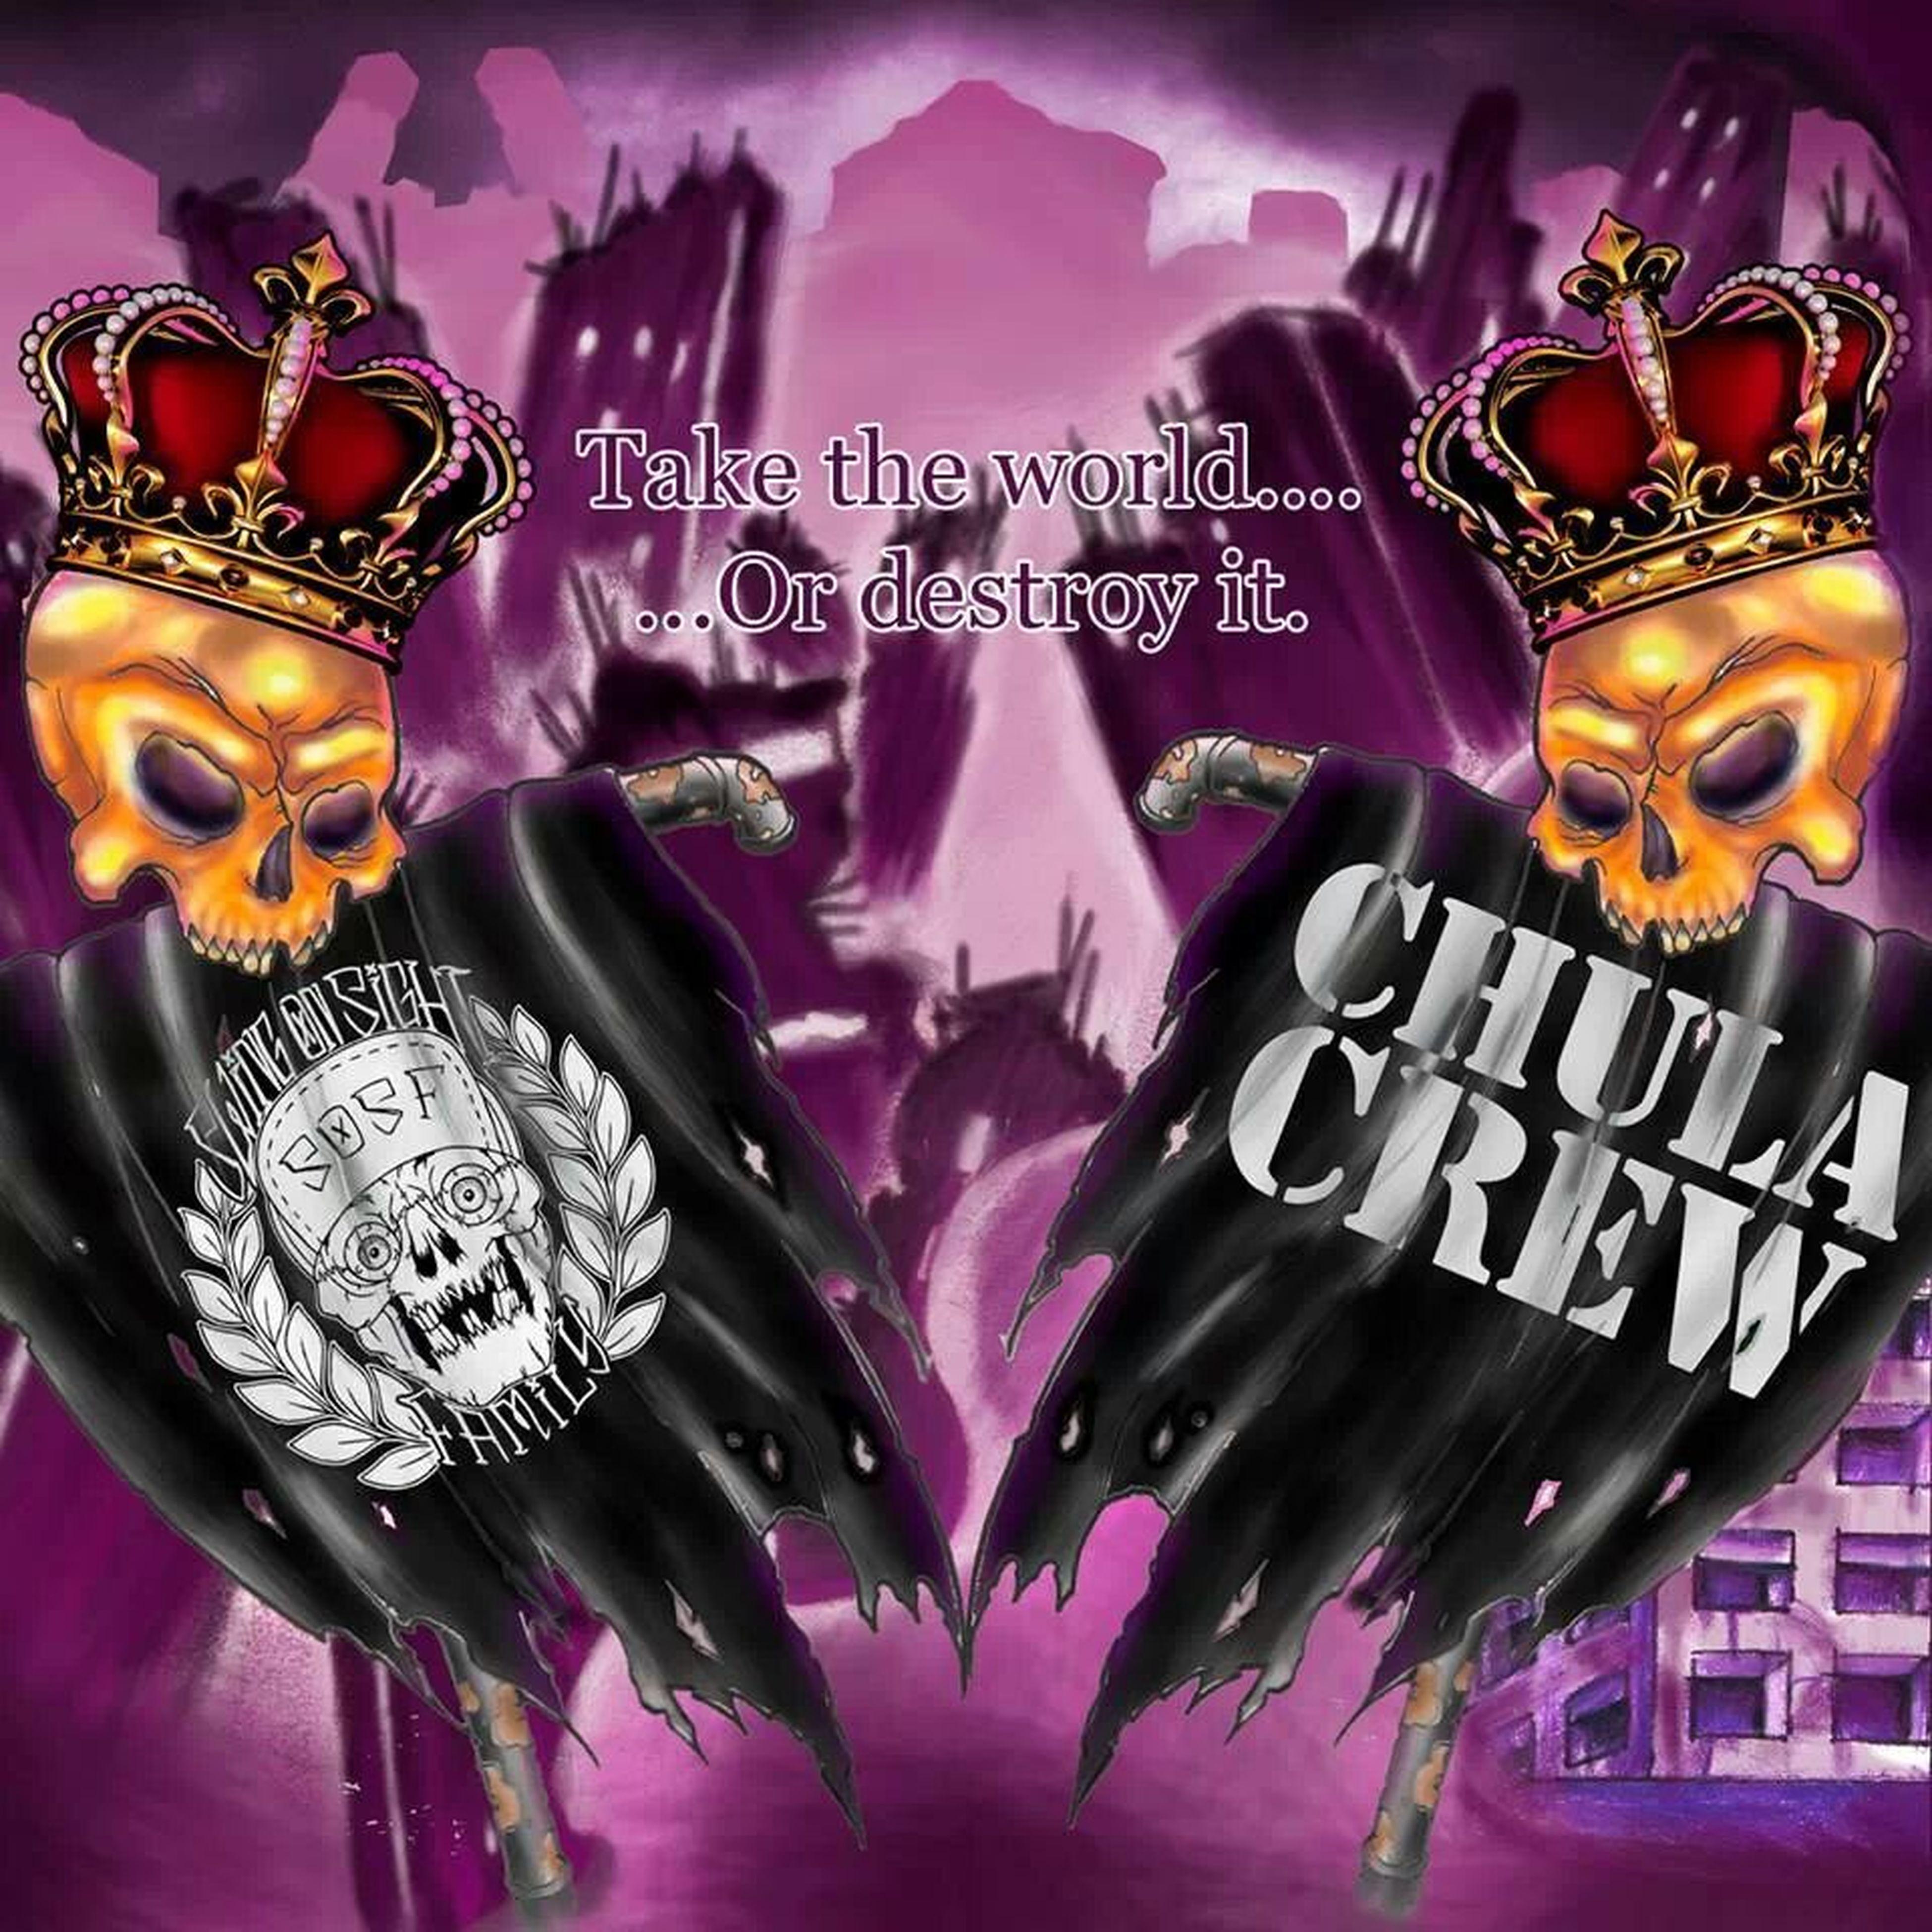 WE'RE Crew SOSF59 CHULACREW33 That's Me